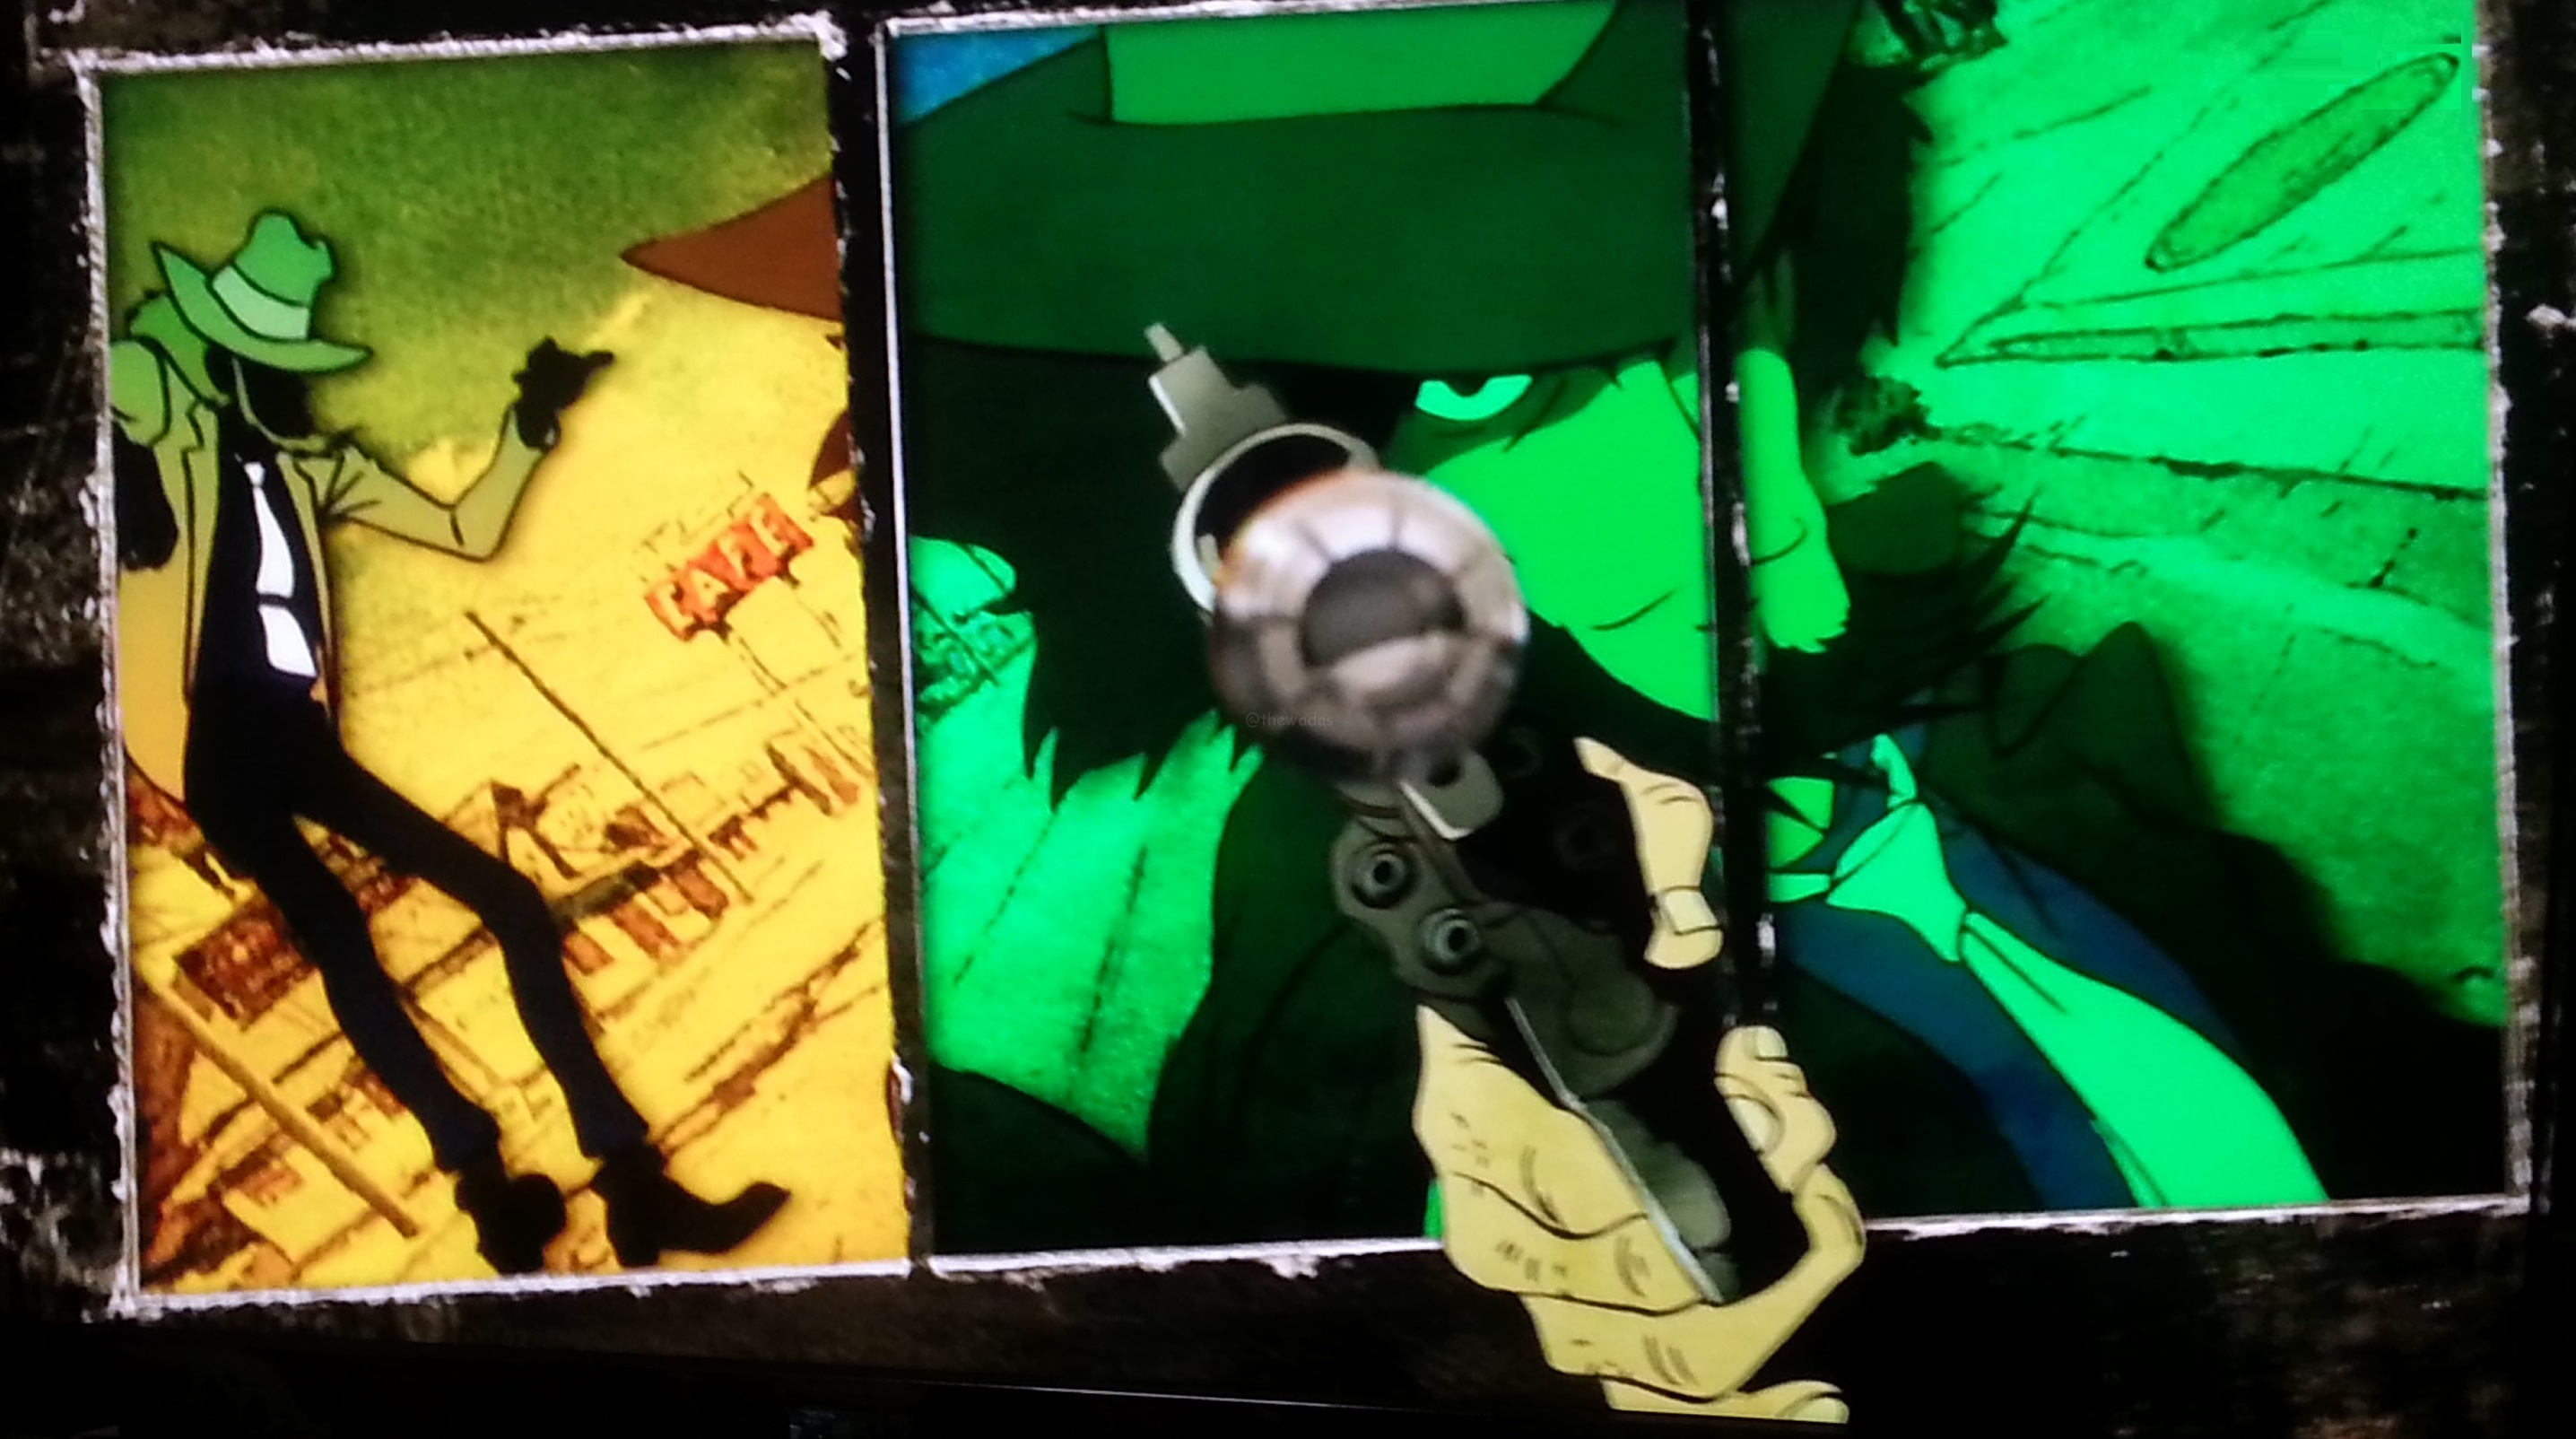 Lupin_III_in_3D